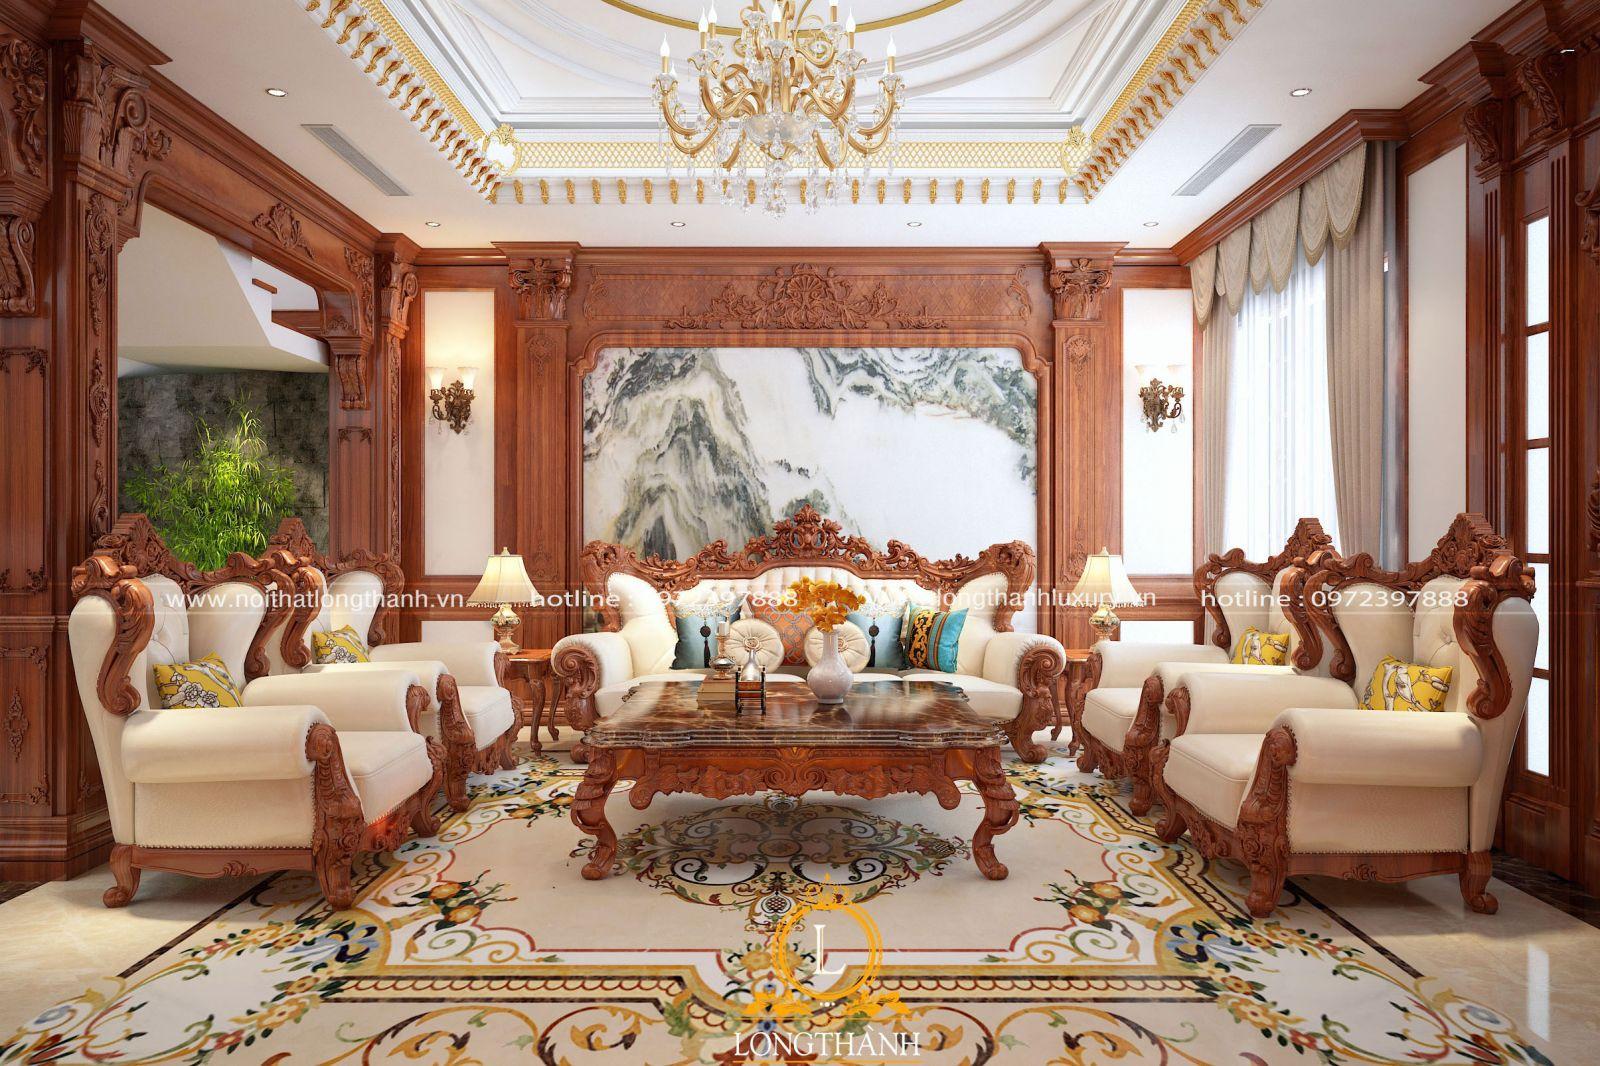 Bộ sofa đẹp được thiết kế với chất lượng gỗ Gõ kết hợp bọc da tự nhiên cao cấp